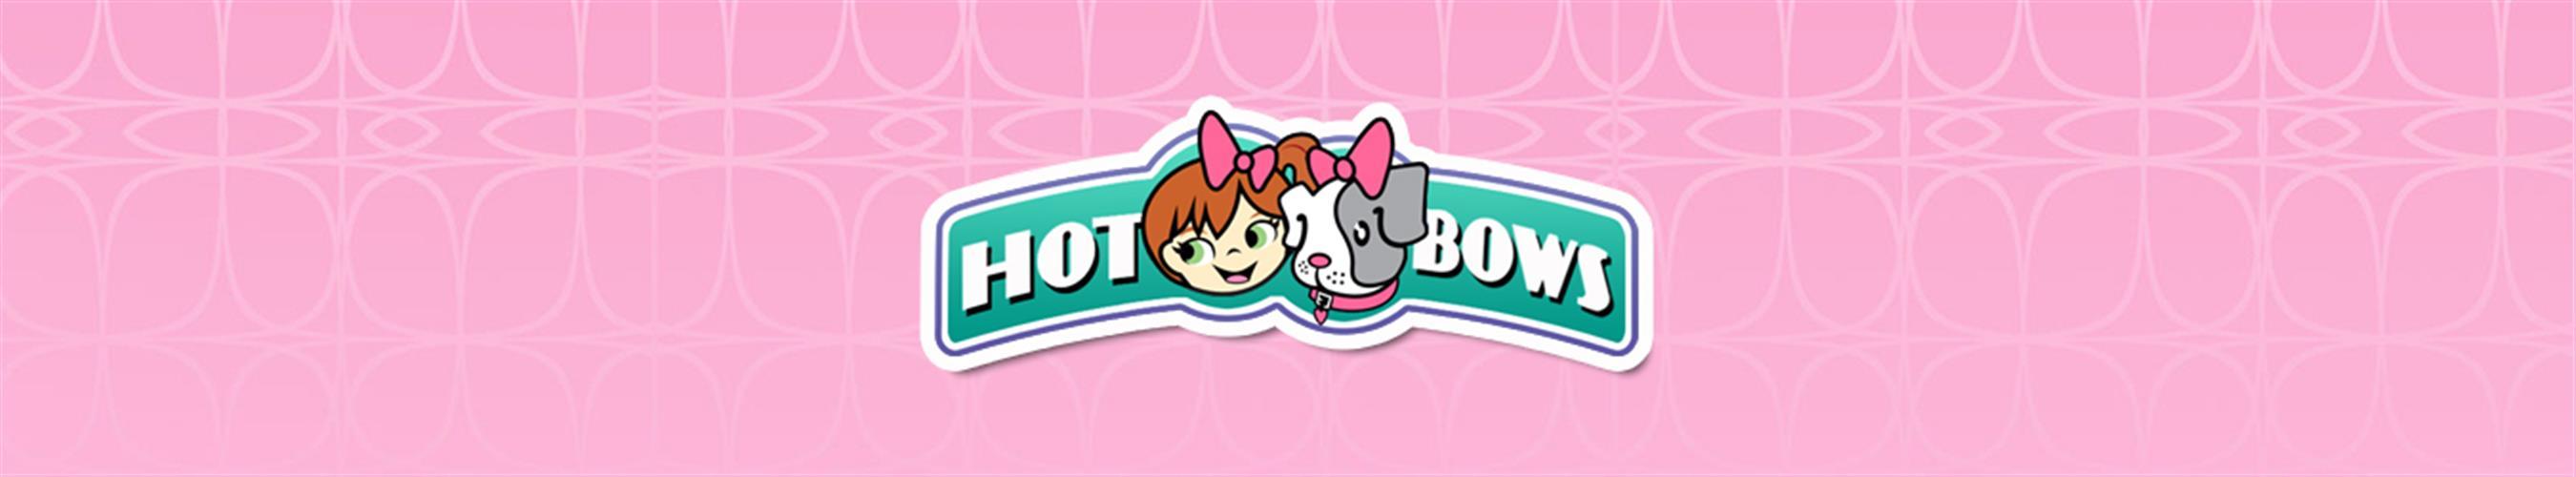 Hot Bows